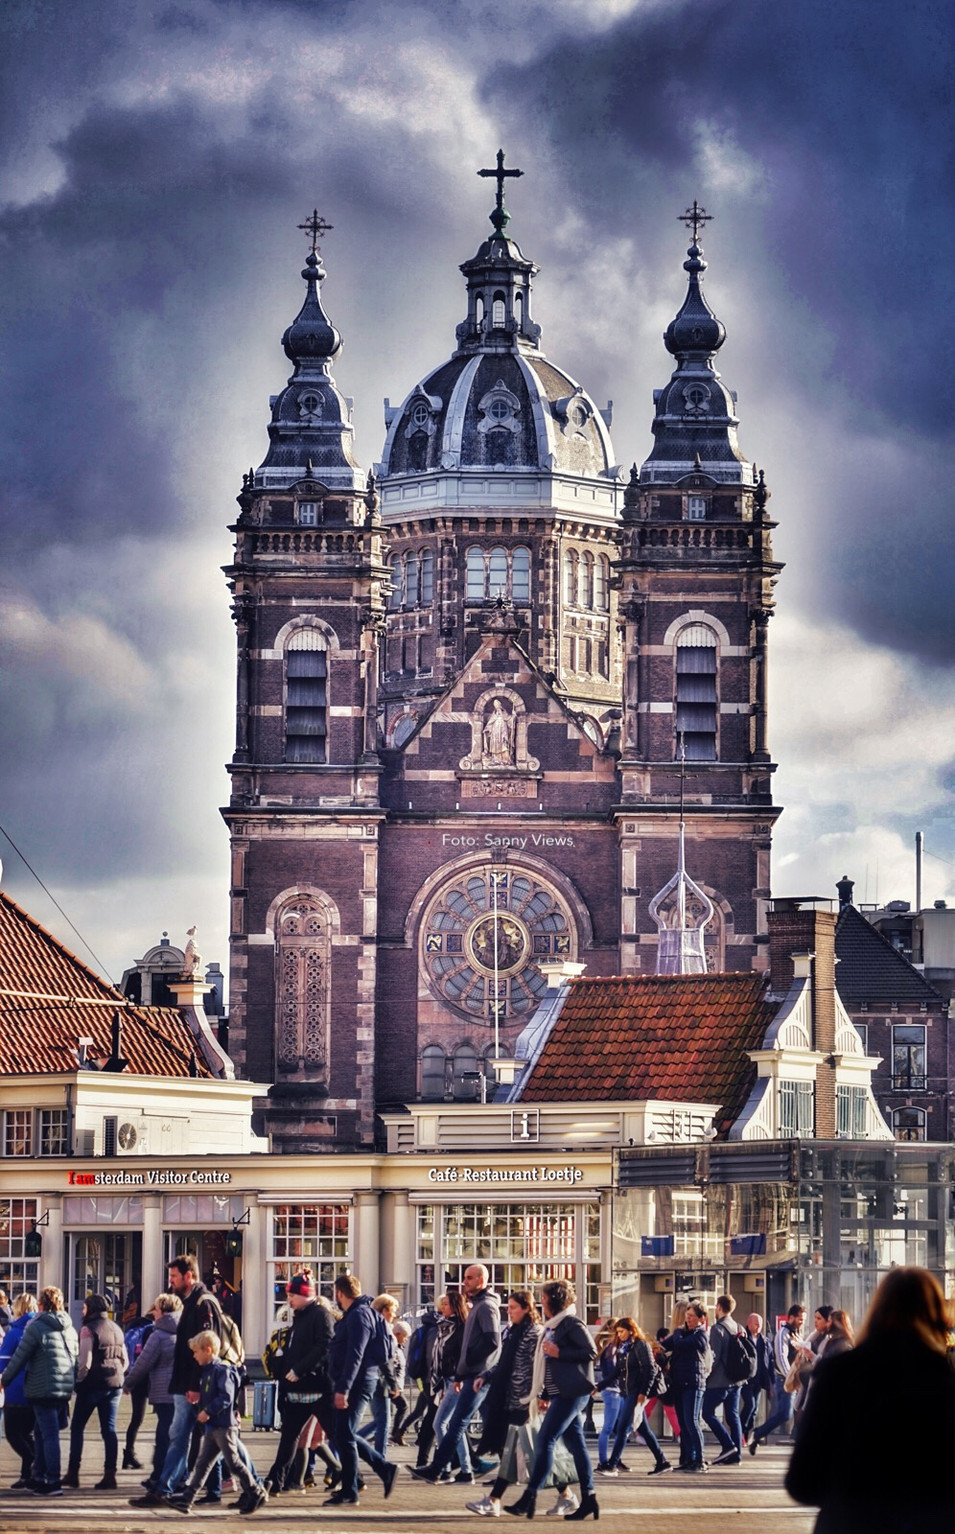 Saint Nicholas Amsterdam